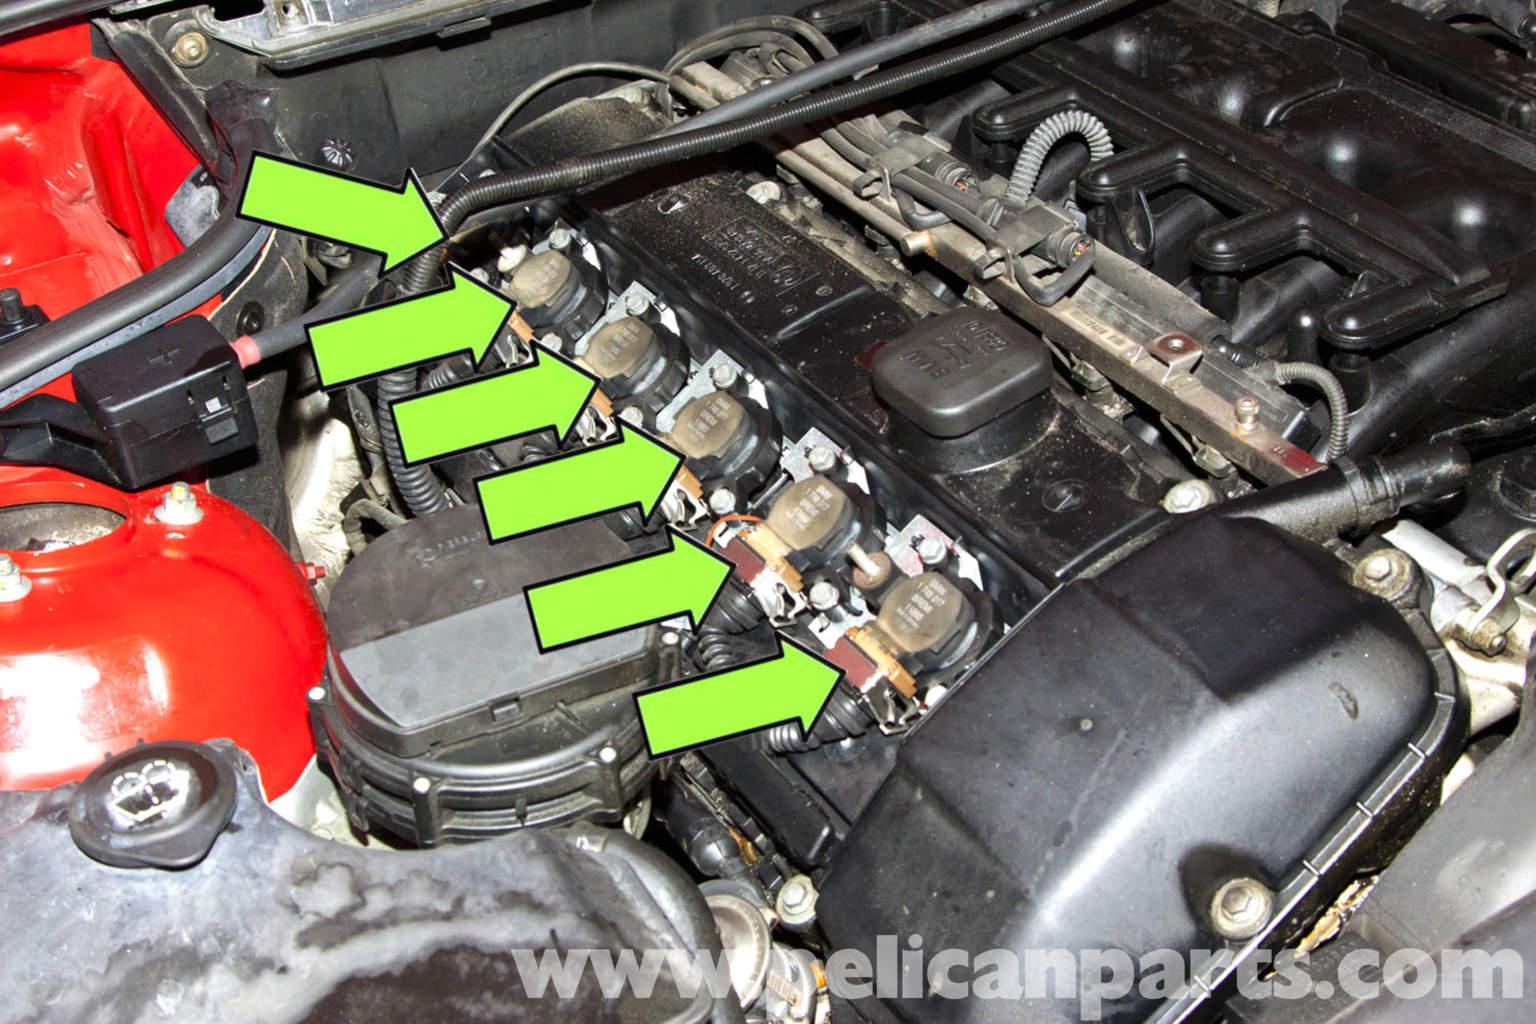 2003 Oldsmobile Alero V6 Engine Diagram